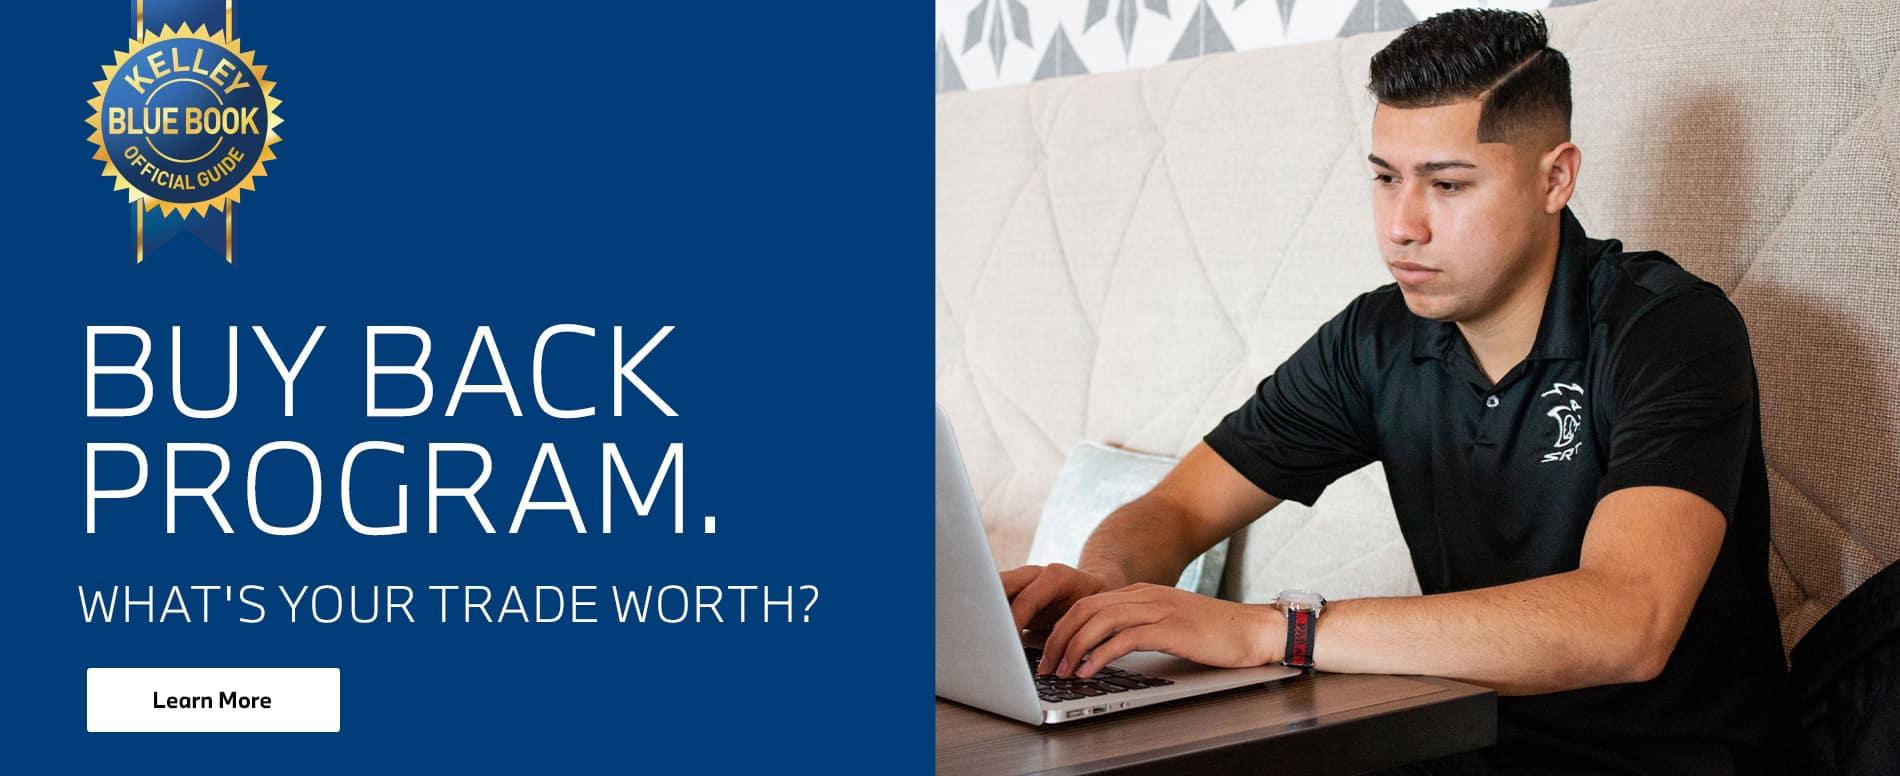 Kelley Blue Book Buy Back Program - Bert Ogden BMW in McAllen, Texas